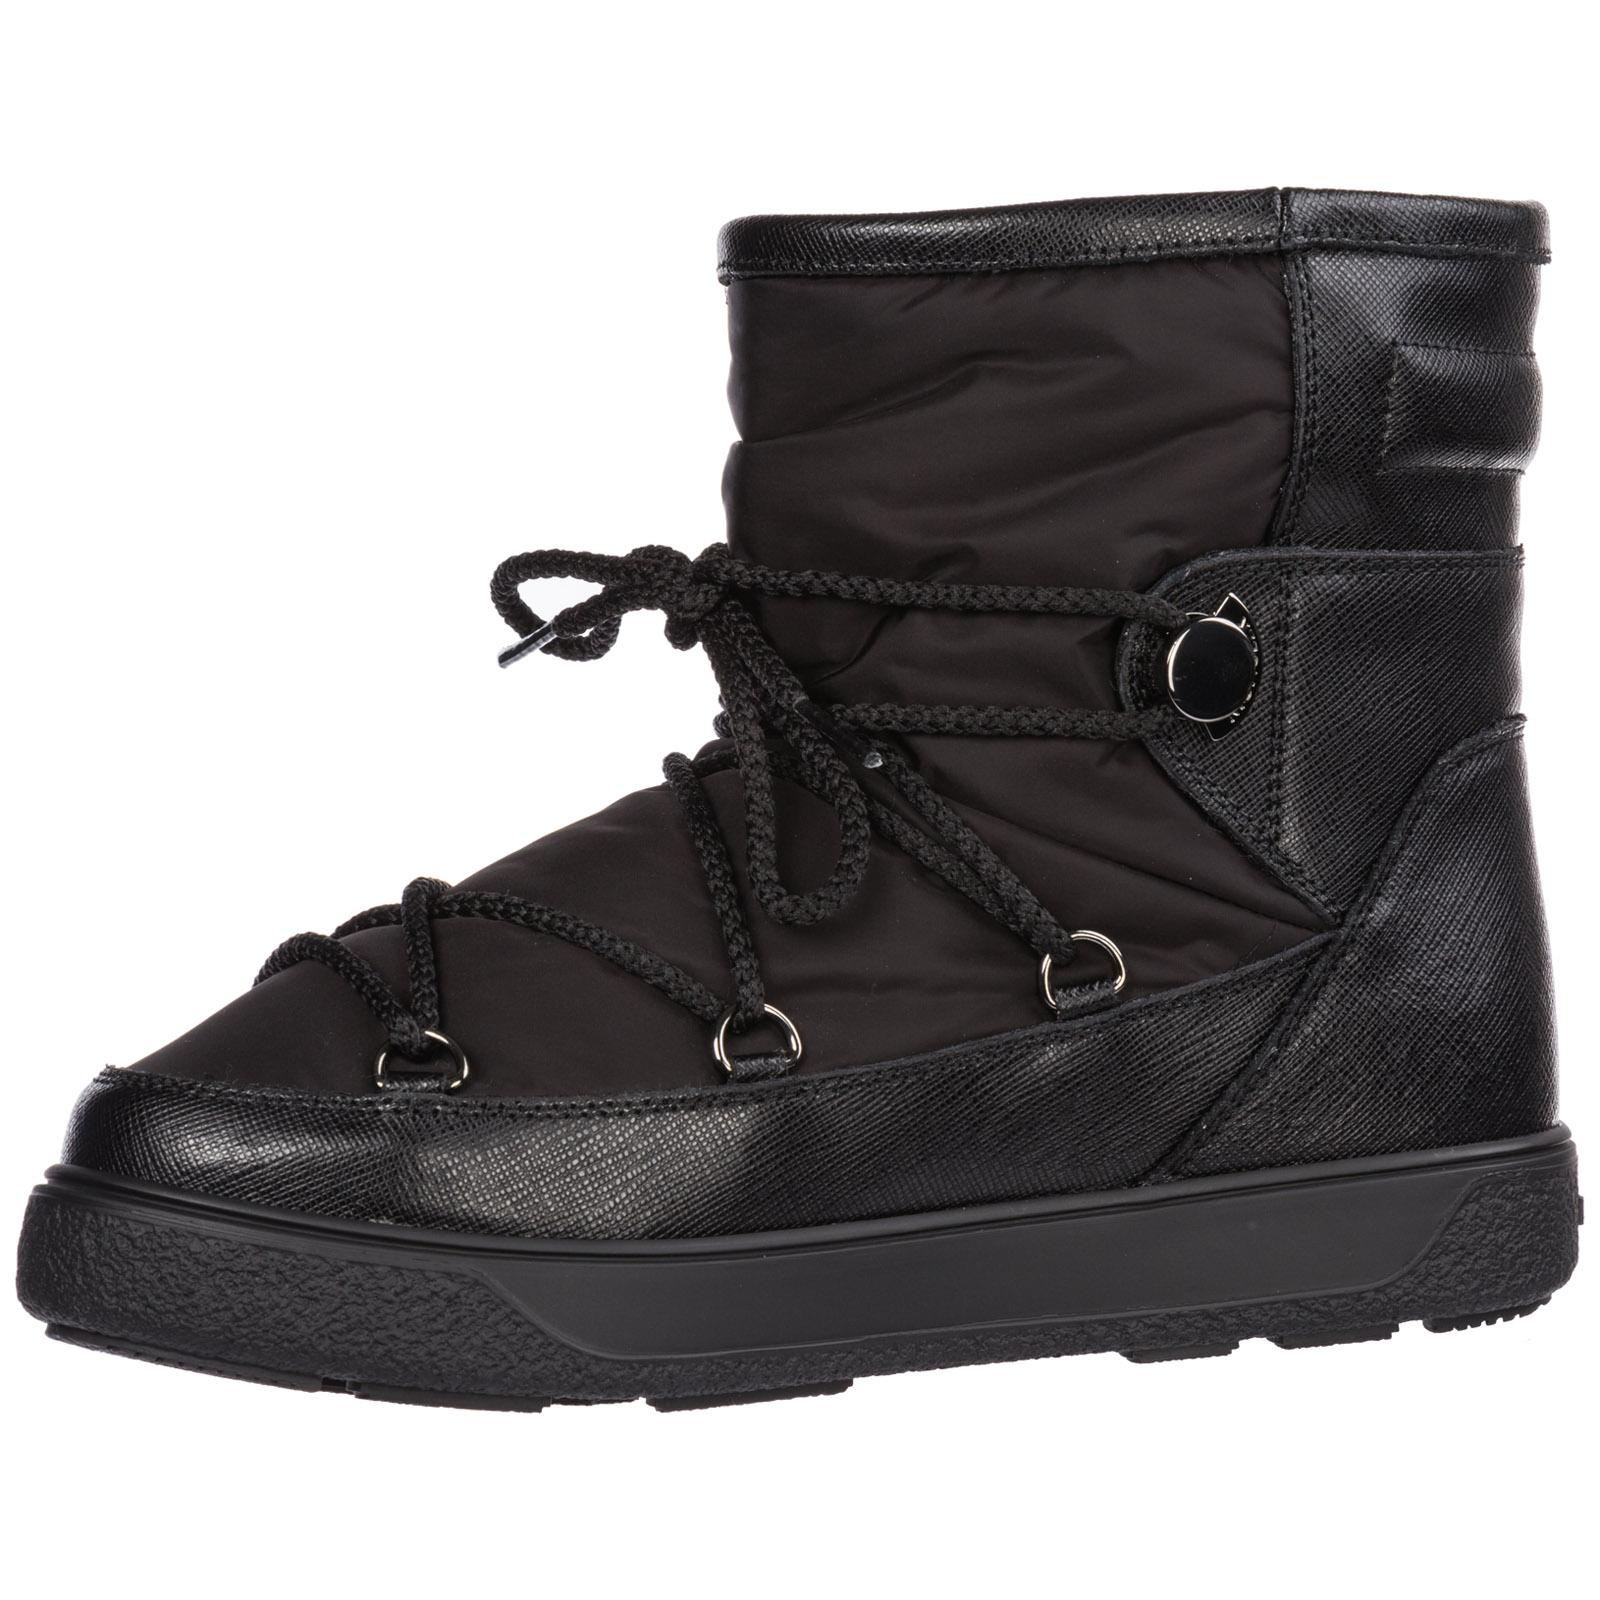 30464f6a0 Women's snow boots winter ski stephanie